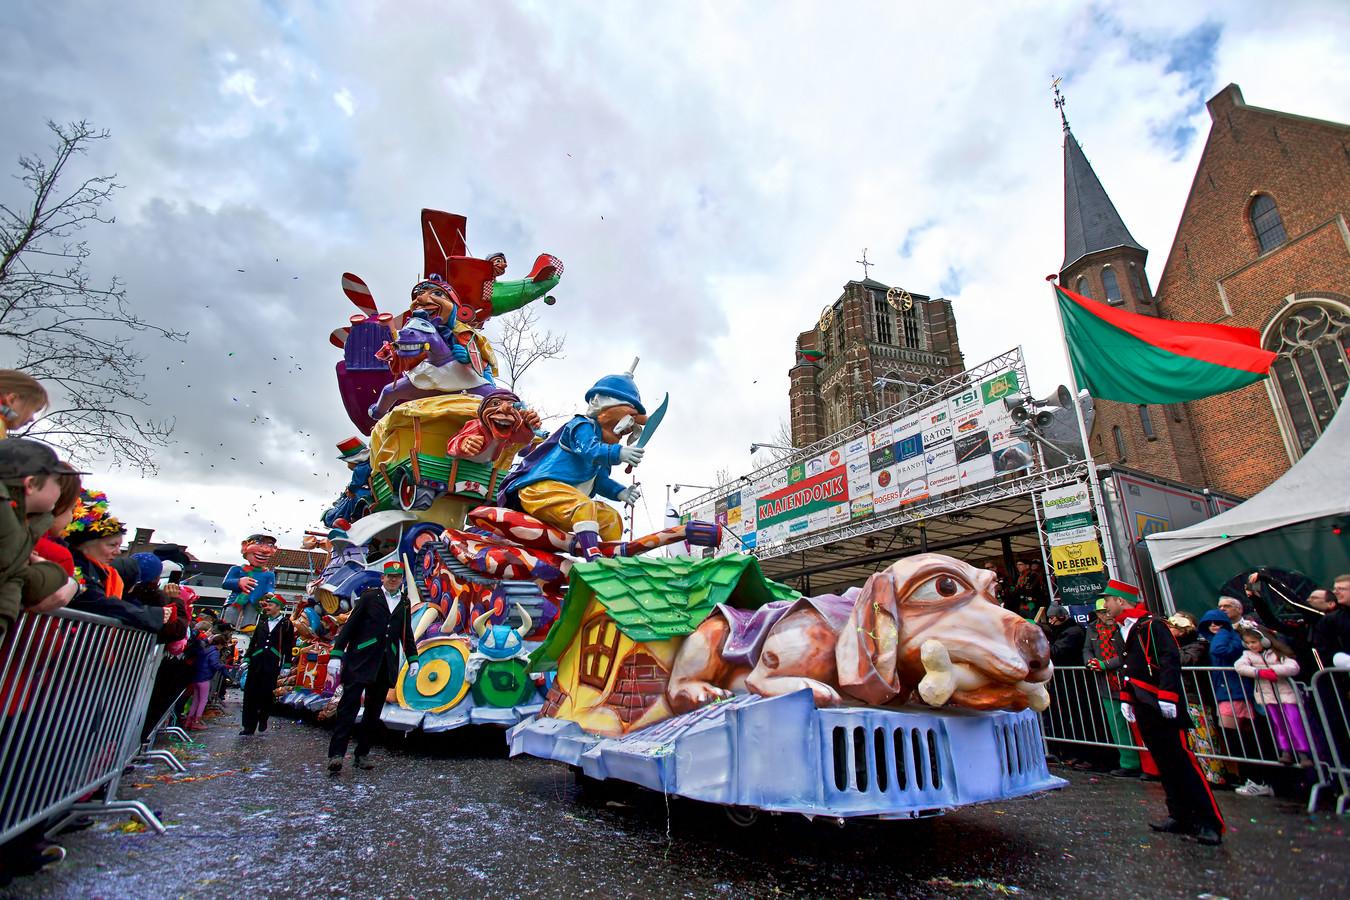 Geen fraaie praalwagens zoals deze van CV De Pierewaaiers door de Oosterhoutse straten komend carnaval, de optocht gaat niet door.